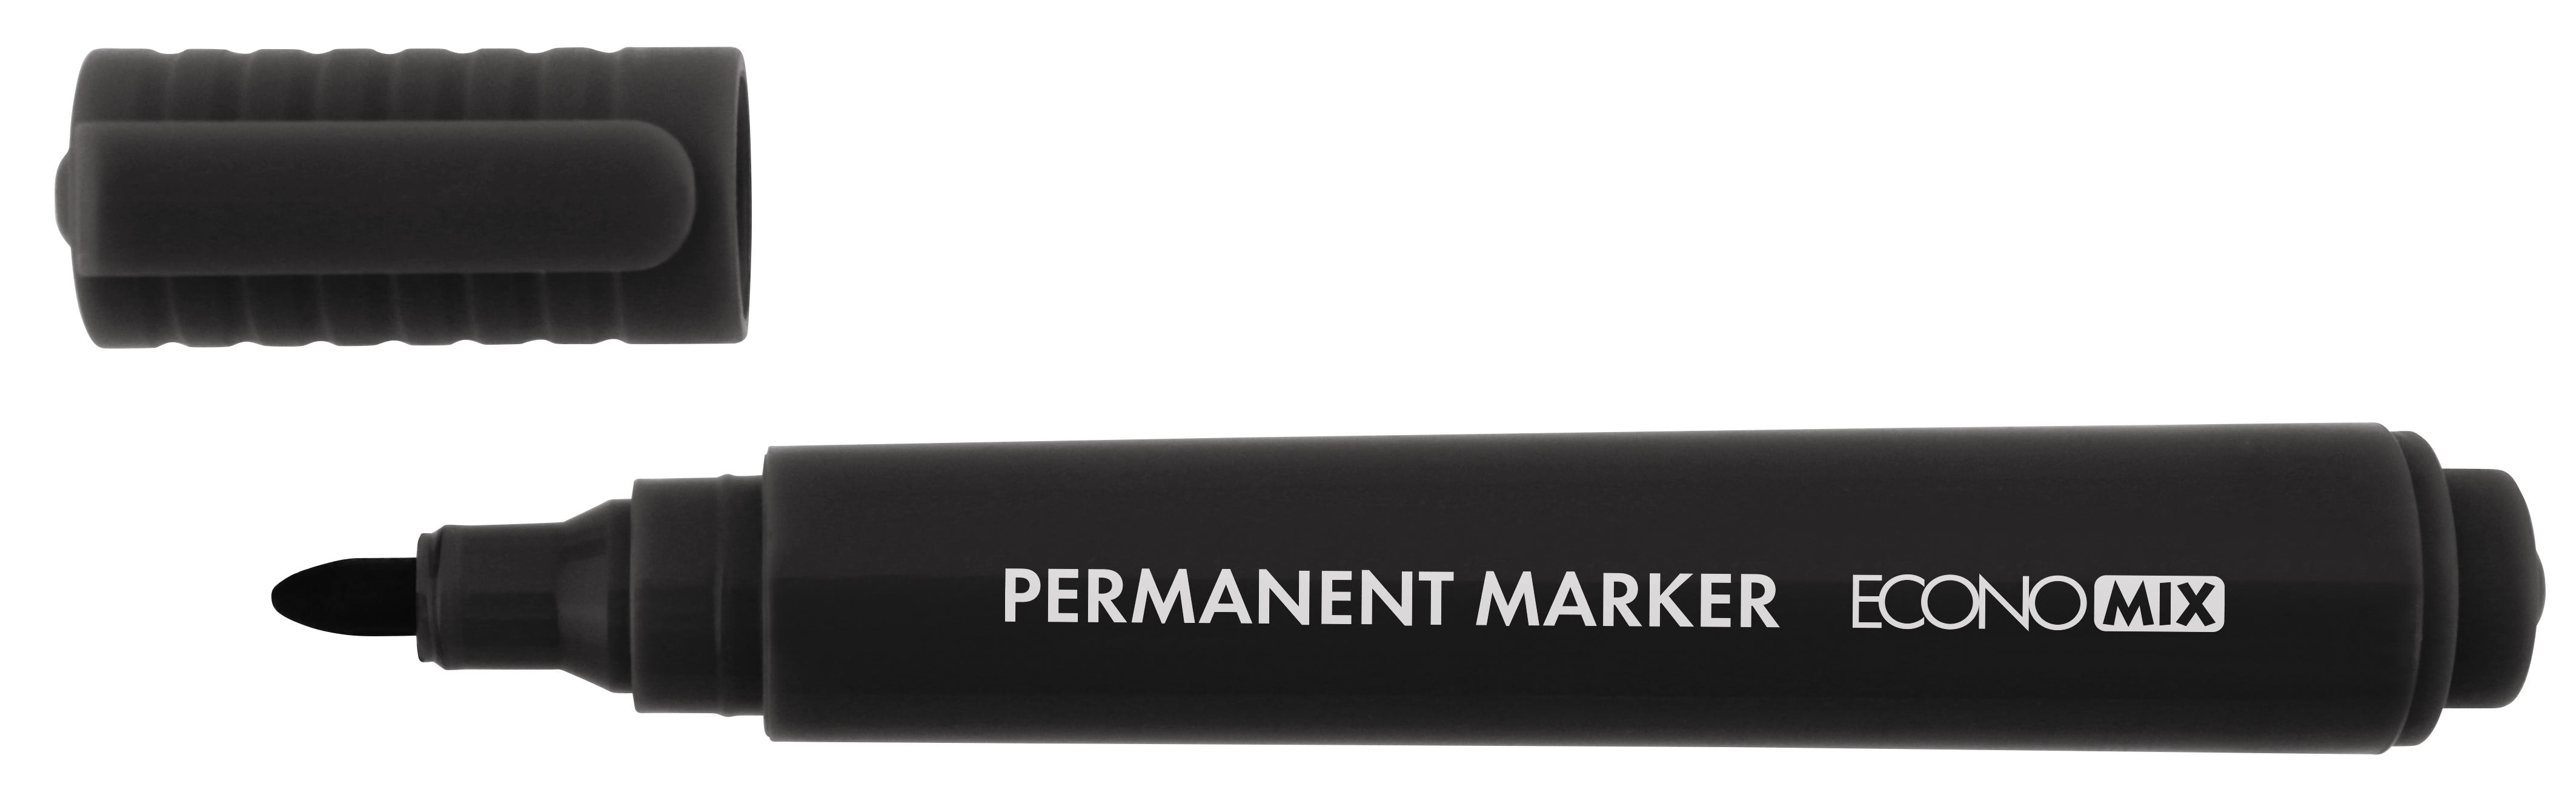 Маркер перманентный 1-3 мм Economix, черный